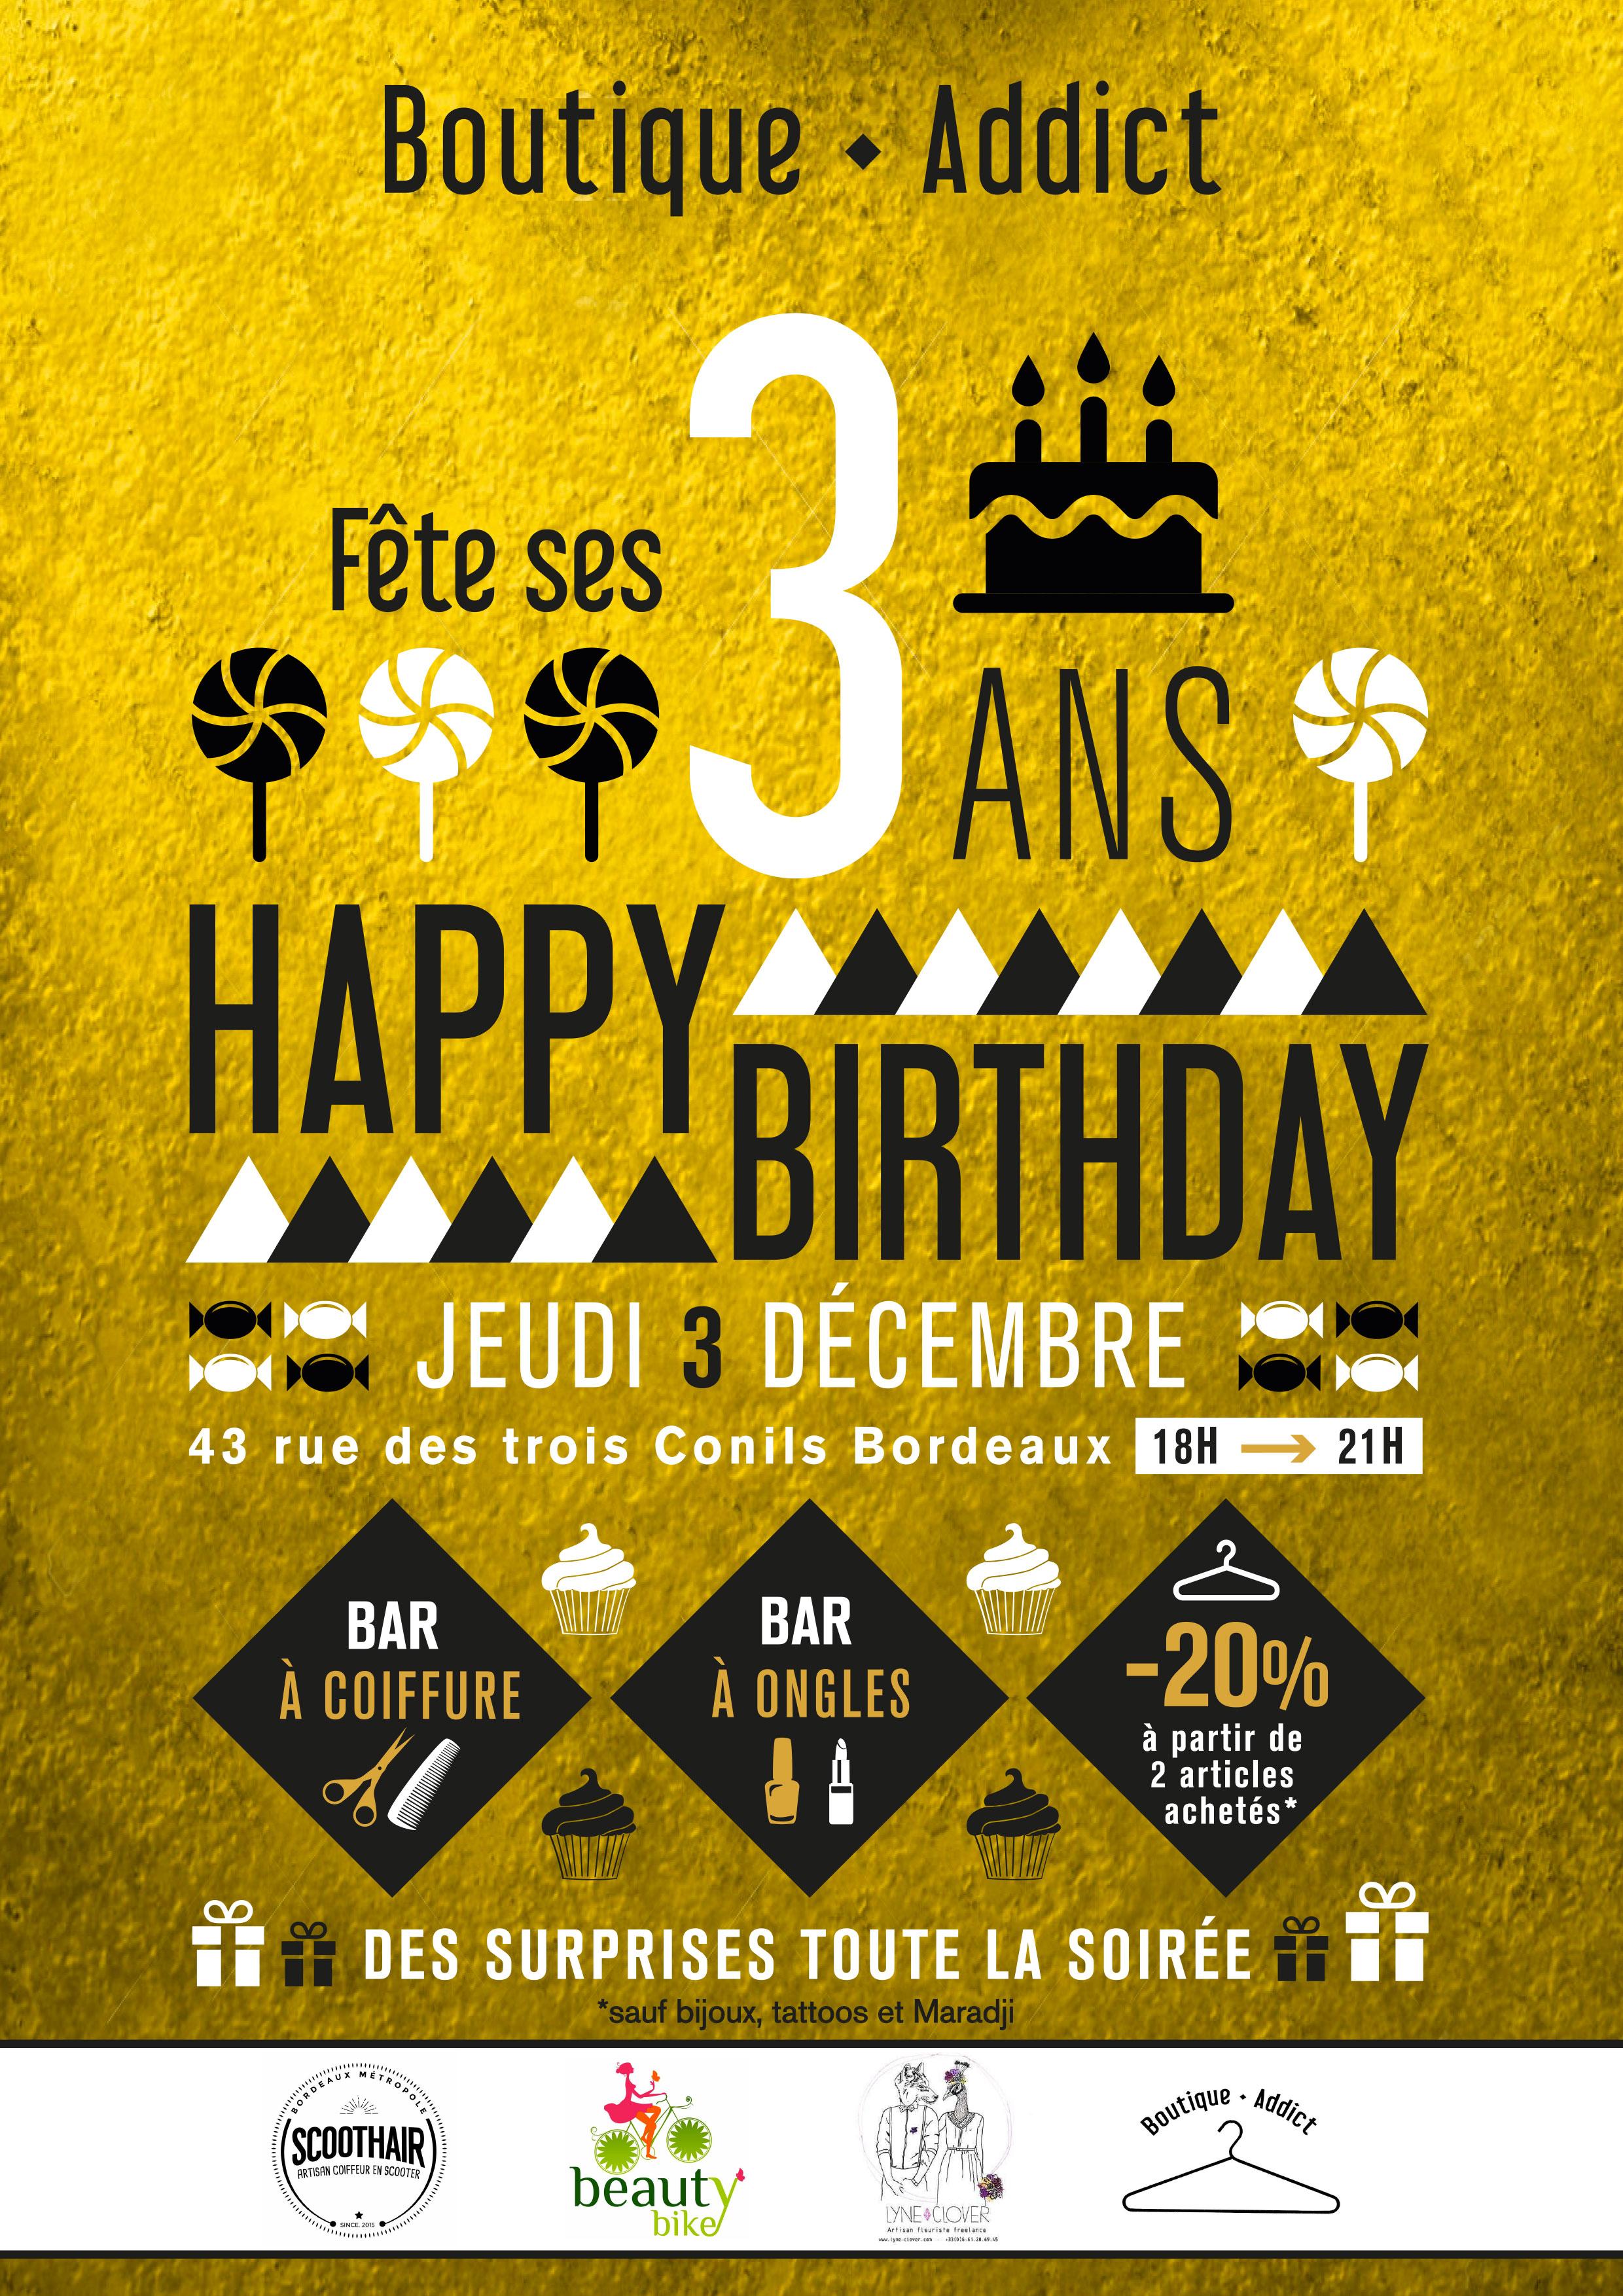 Boutique Addict fête ses 3 ans, le 3 décembre !!! - Mode Motion